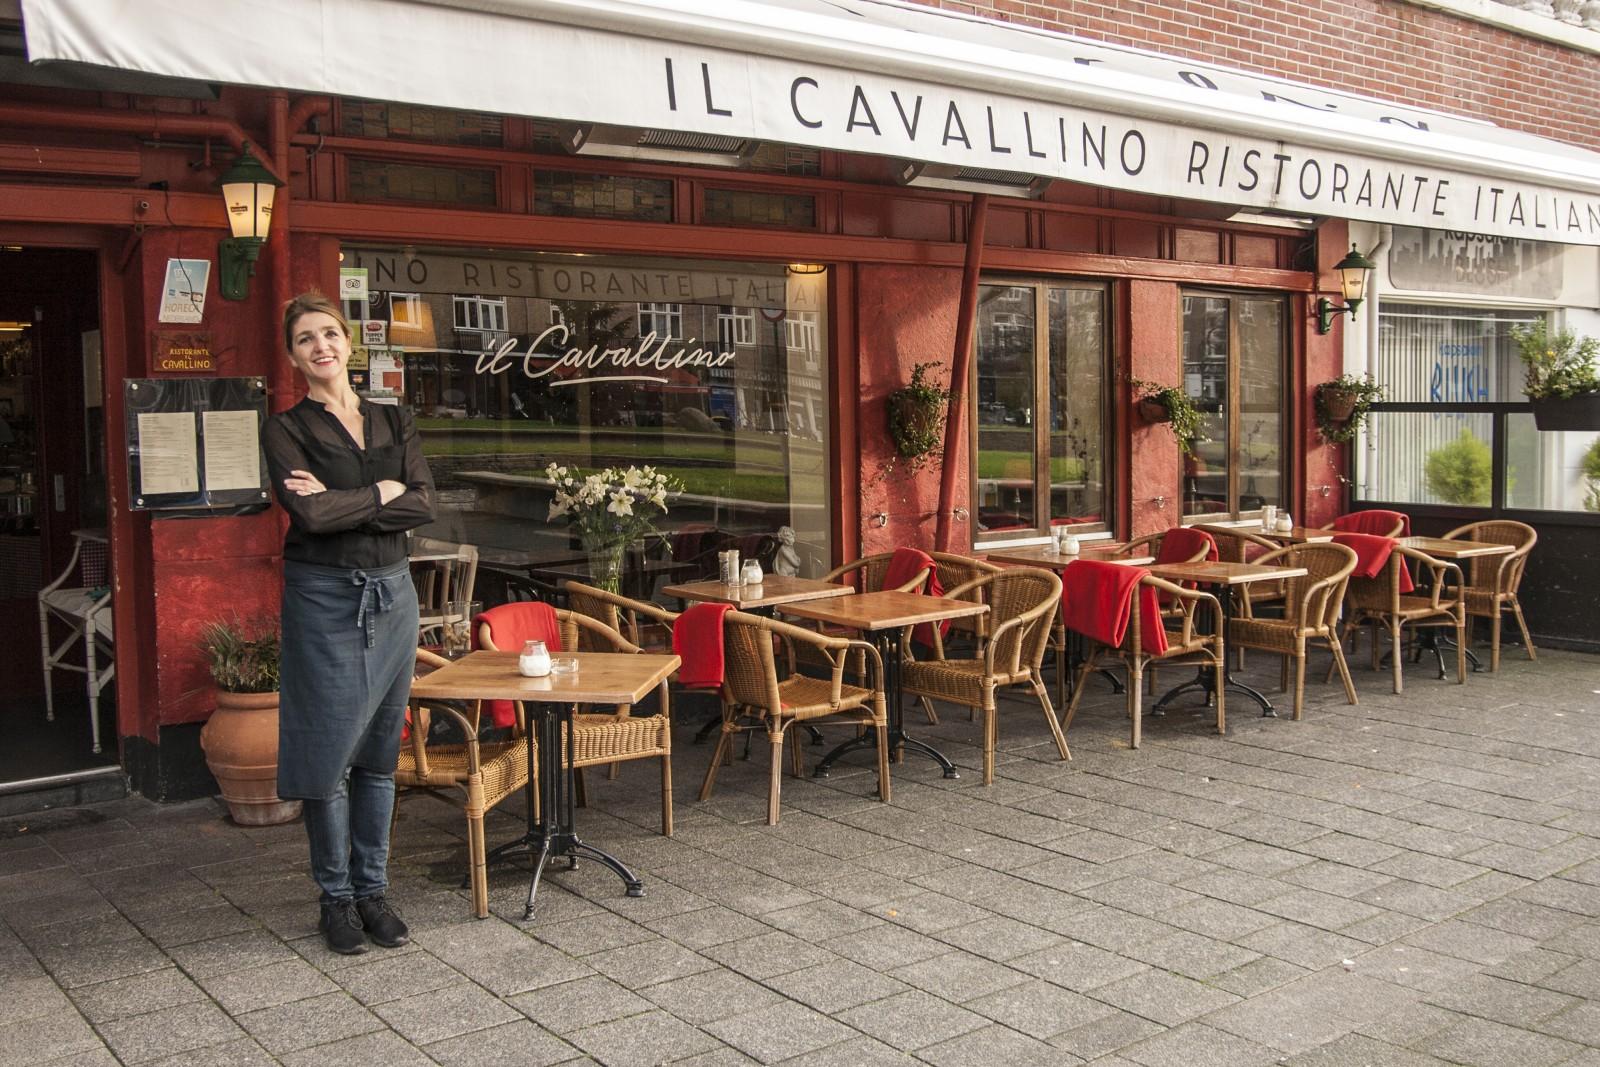 Il-Cavallino-Maasstraat Amsterdam